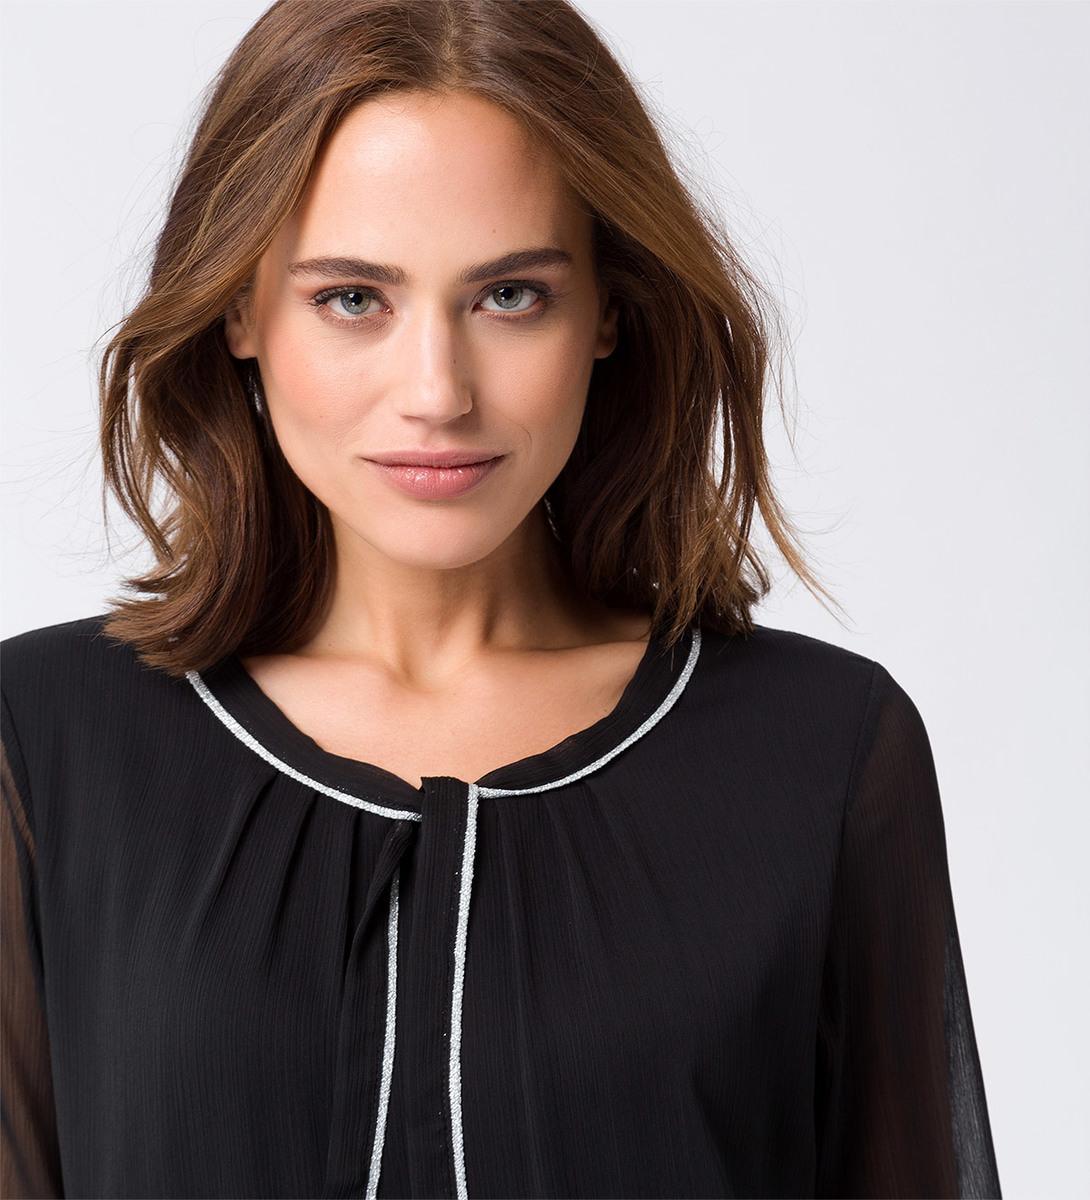 Bluse in weich fließender Qualität in black